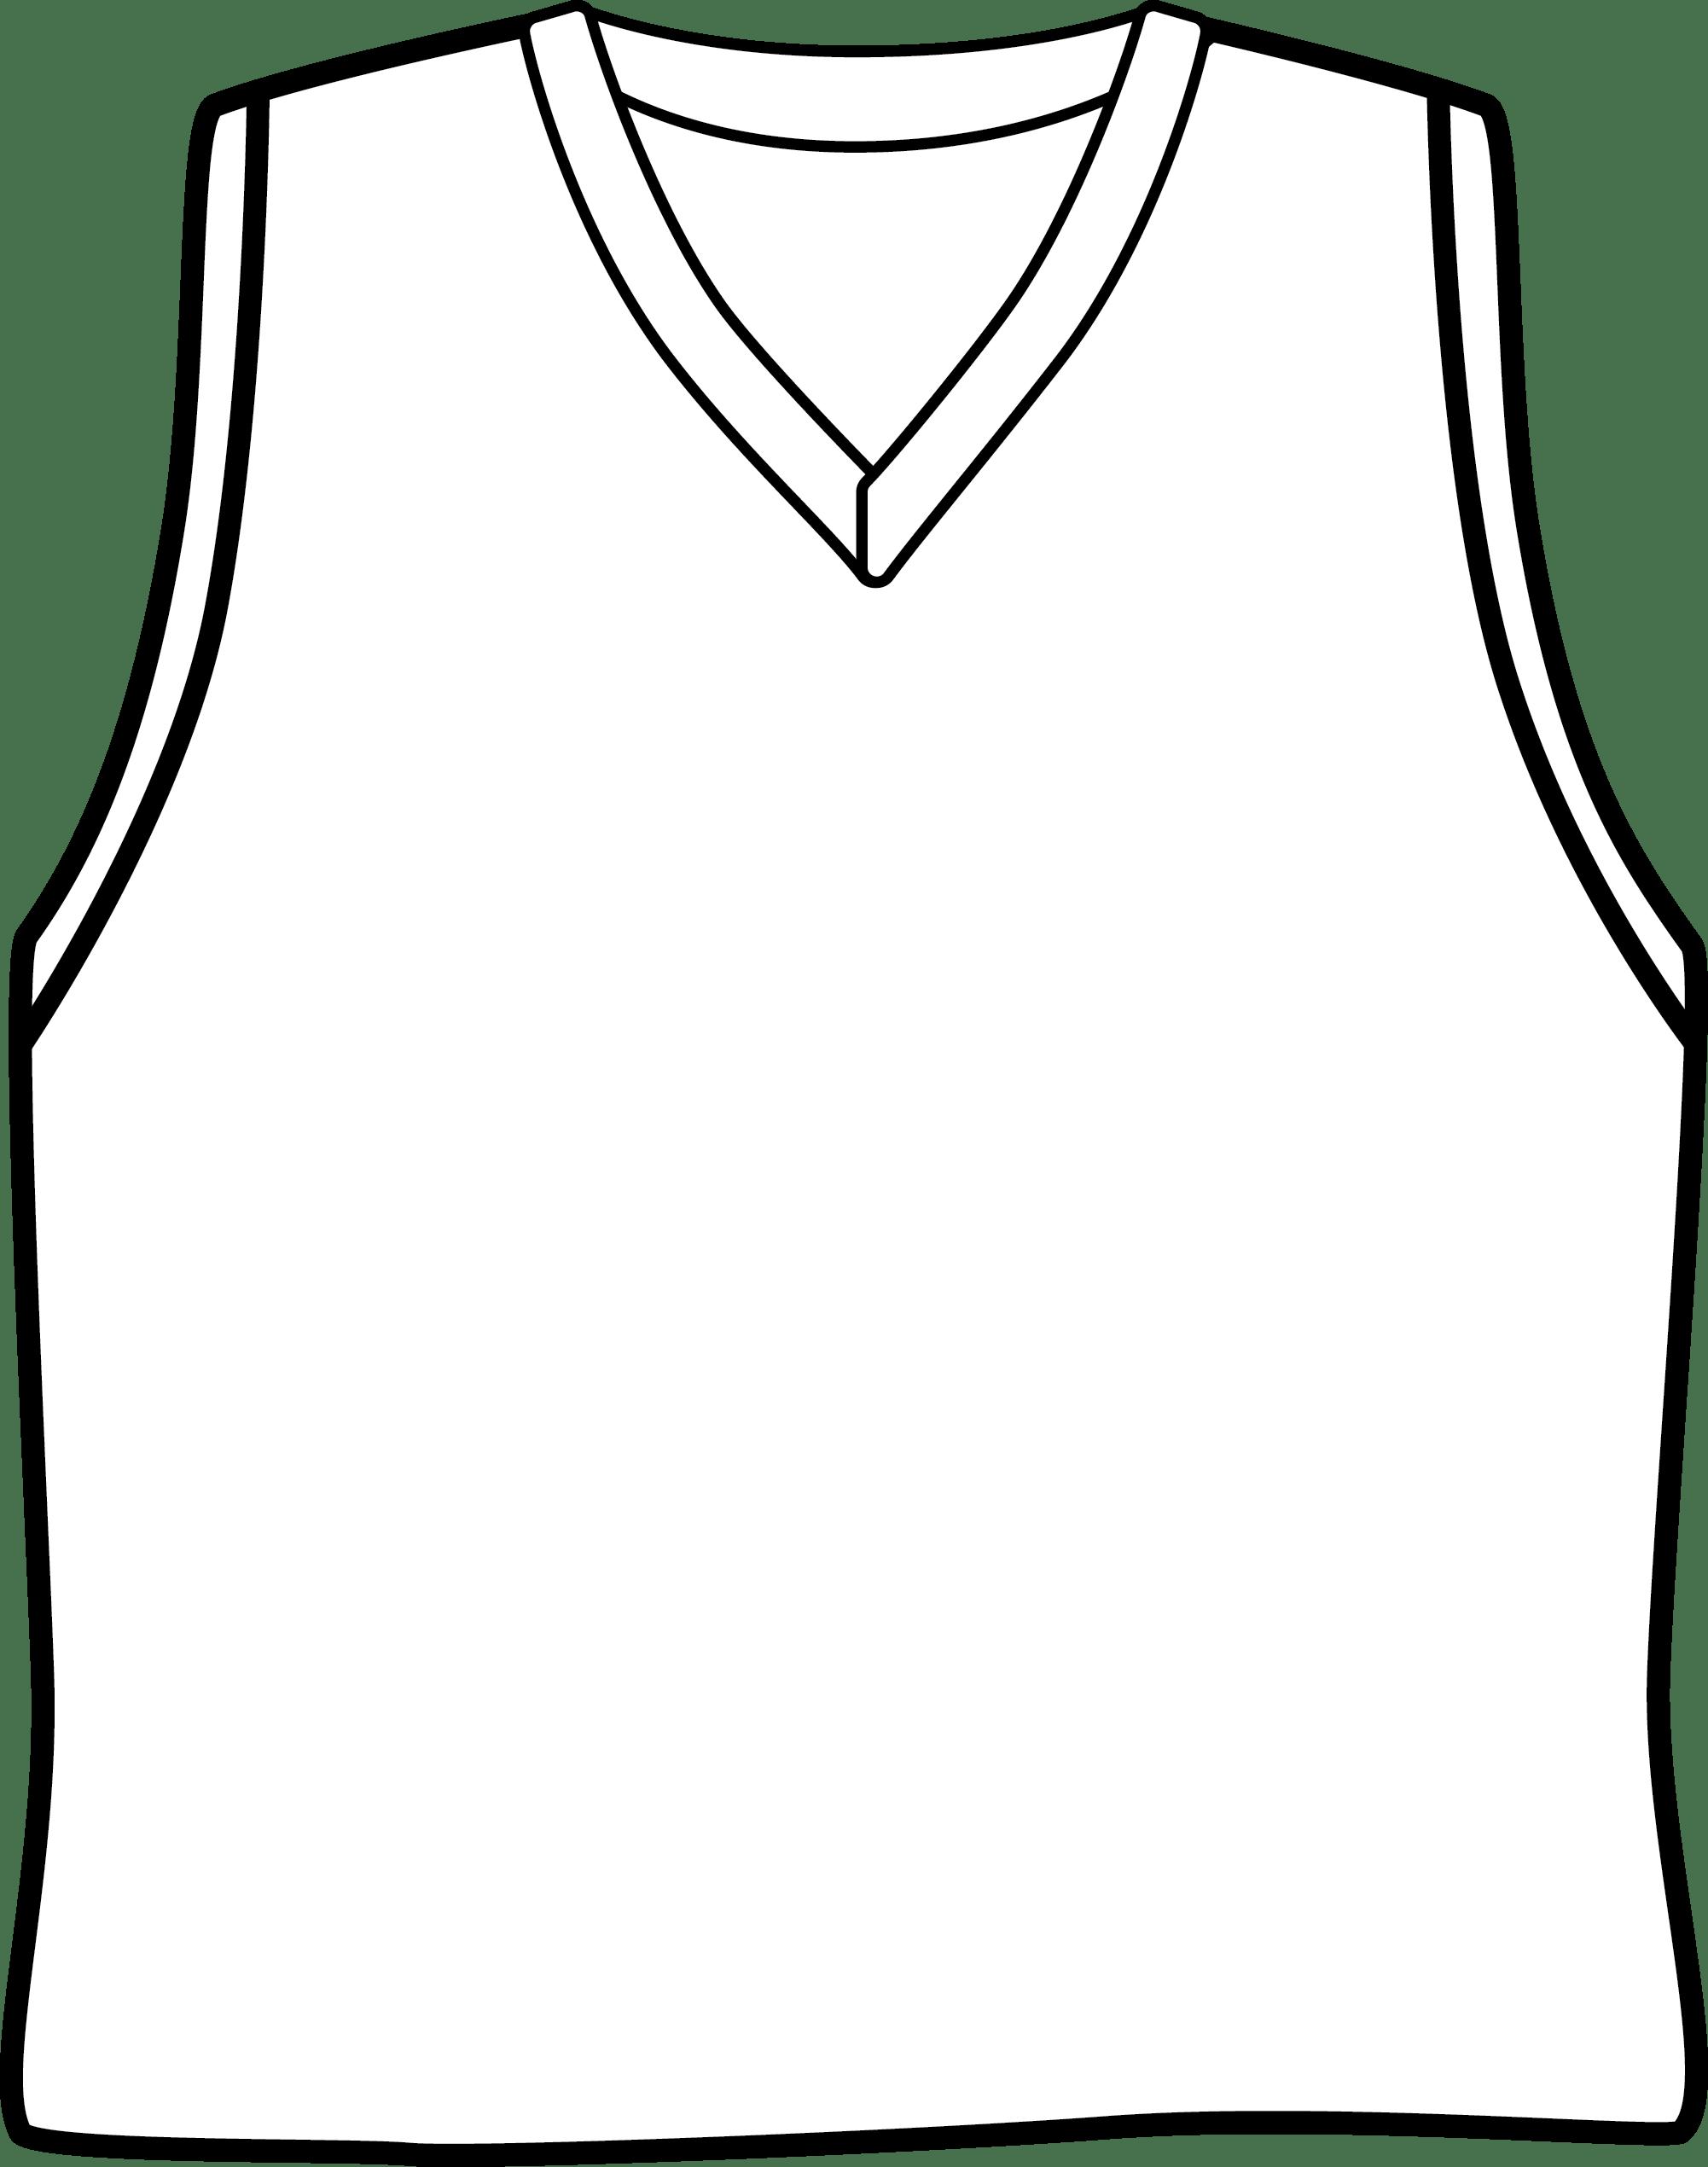 Basketball Shirt Clipart